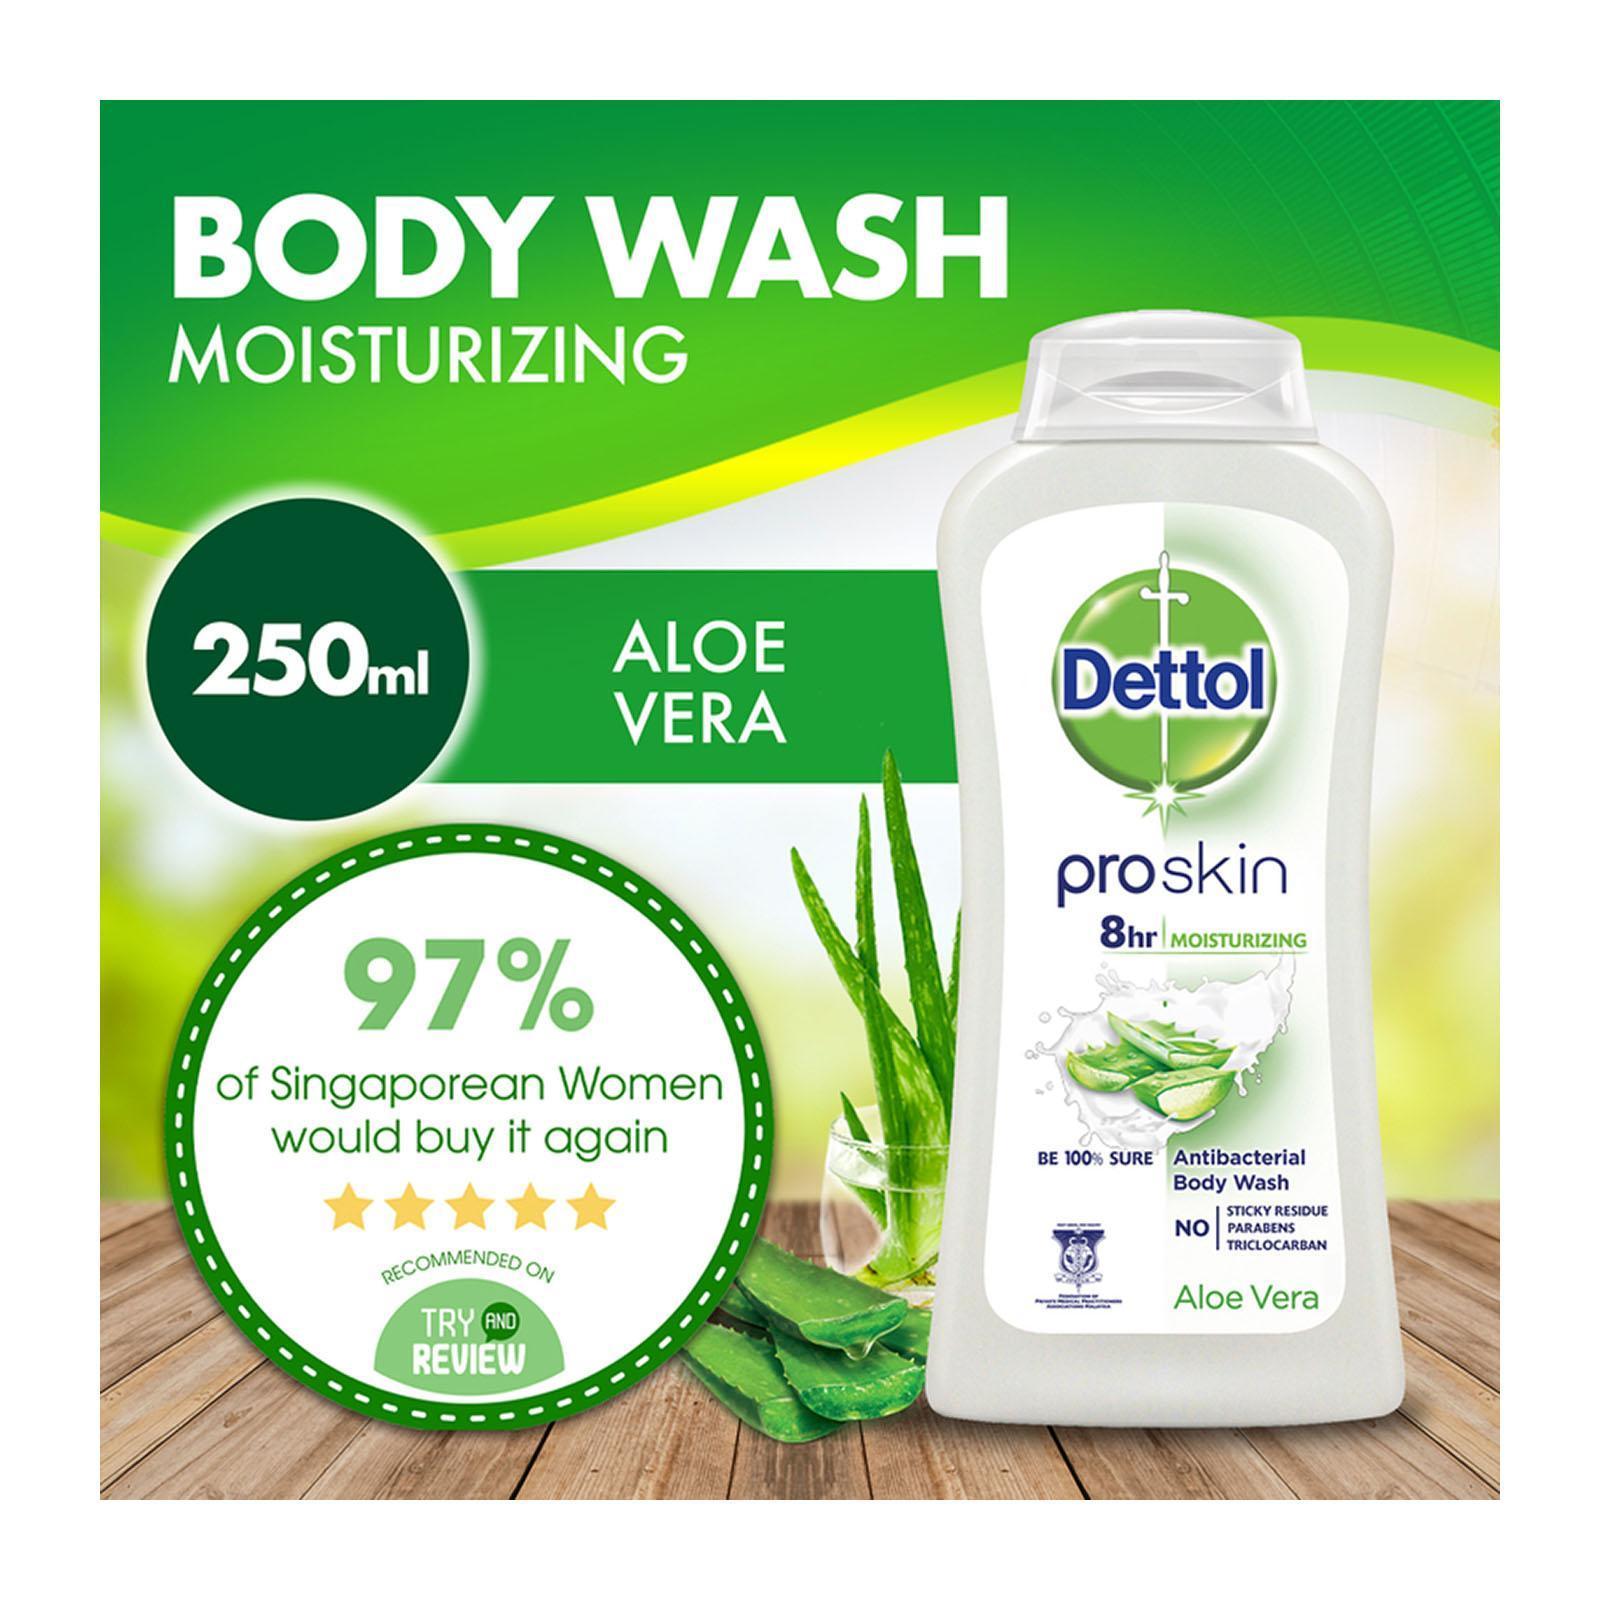 Dettol Body Wash Pro Skin Aloe Vera